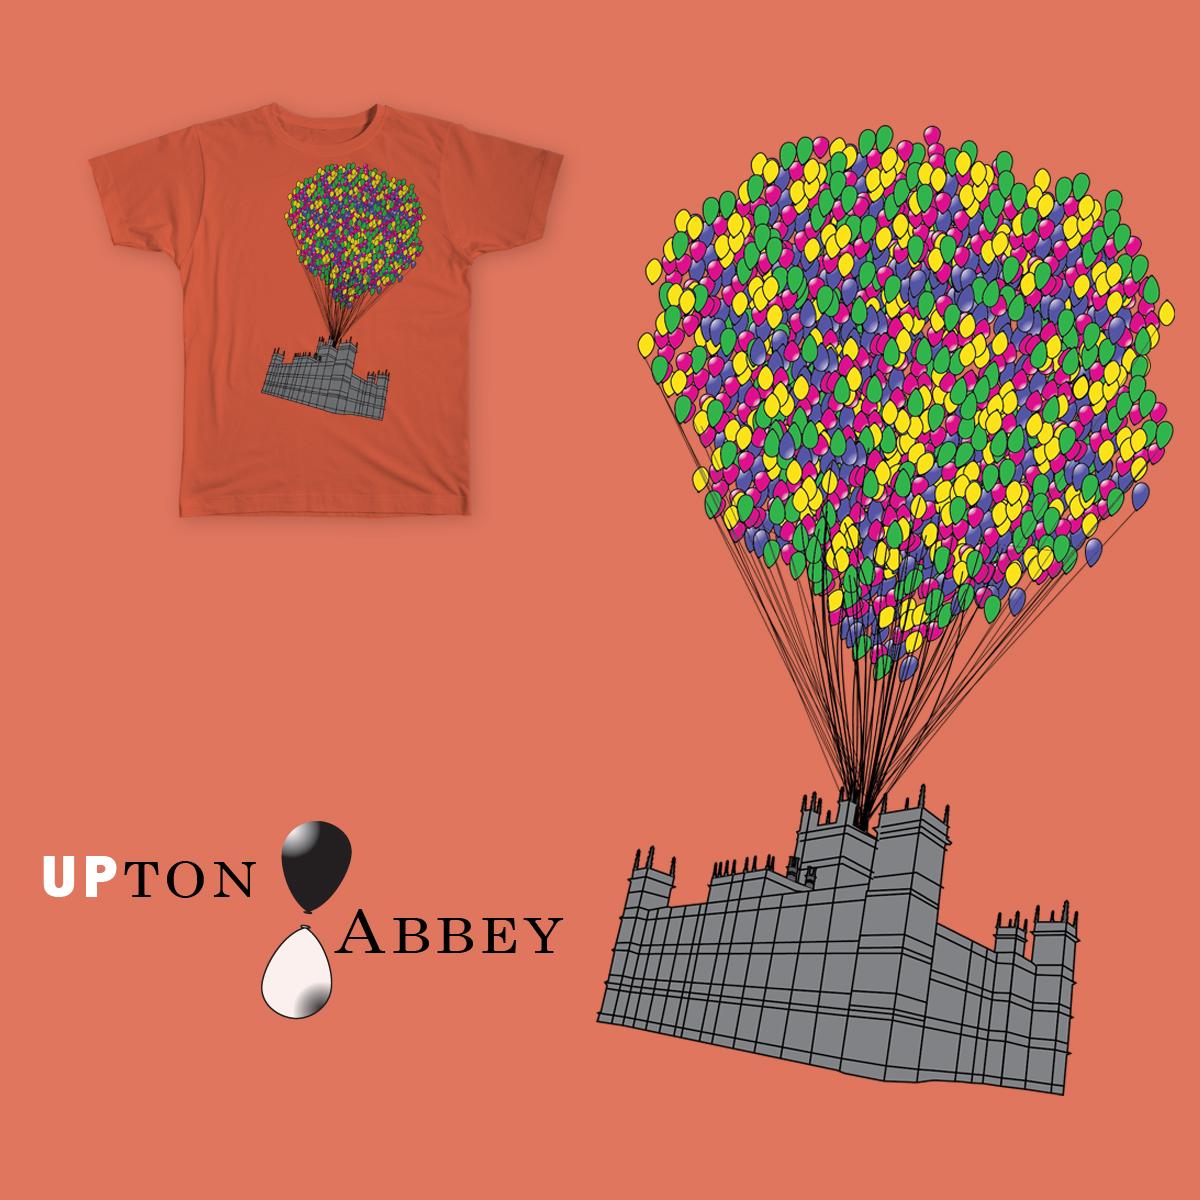 UPton Abbey by ceddyrichman on Threadless